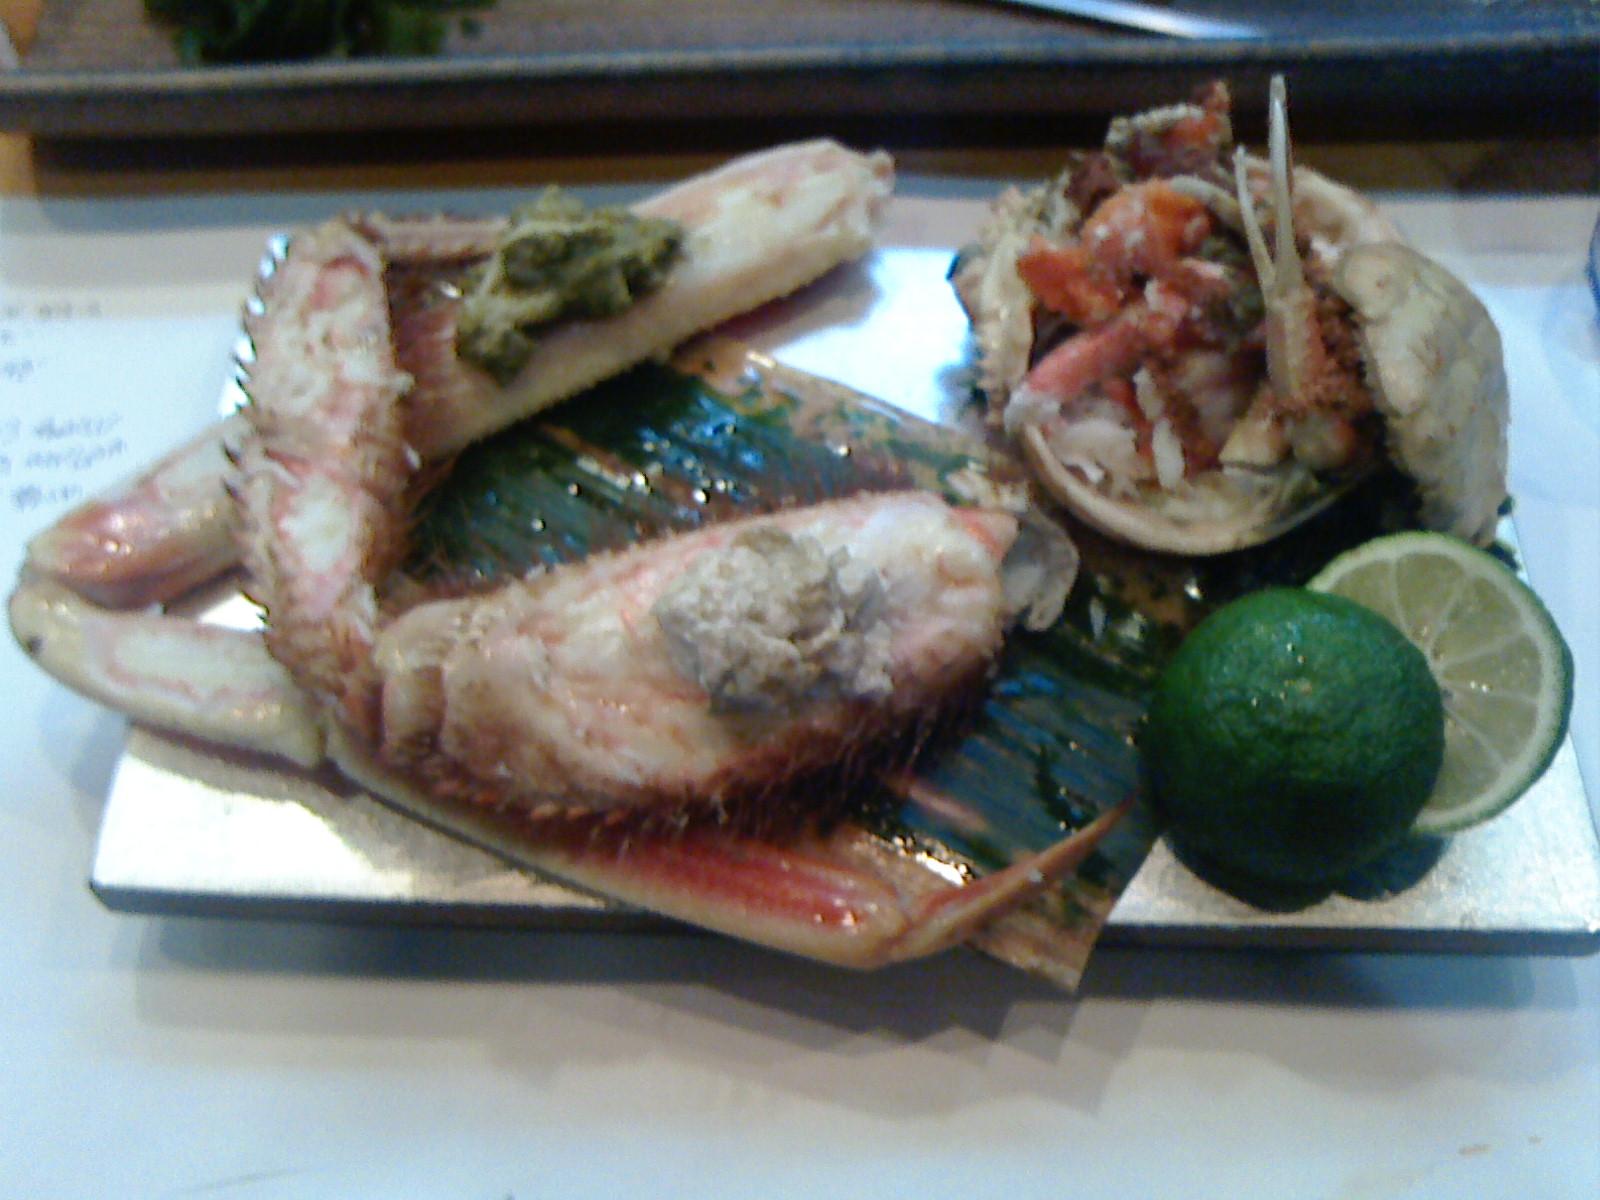 千葉でとても美味しいお寿司をお腹いっぱいいただきました。_c0225997_10424620.jpg